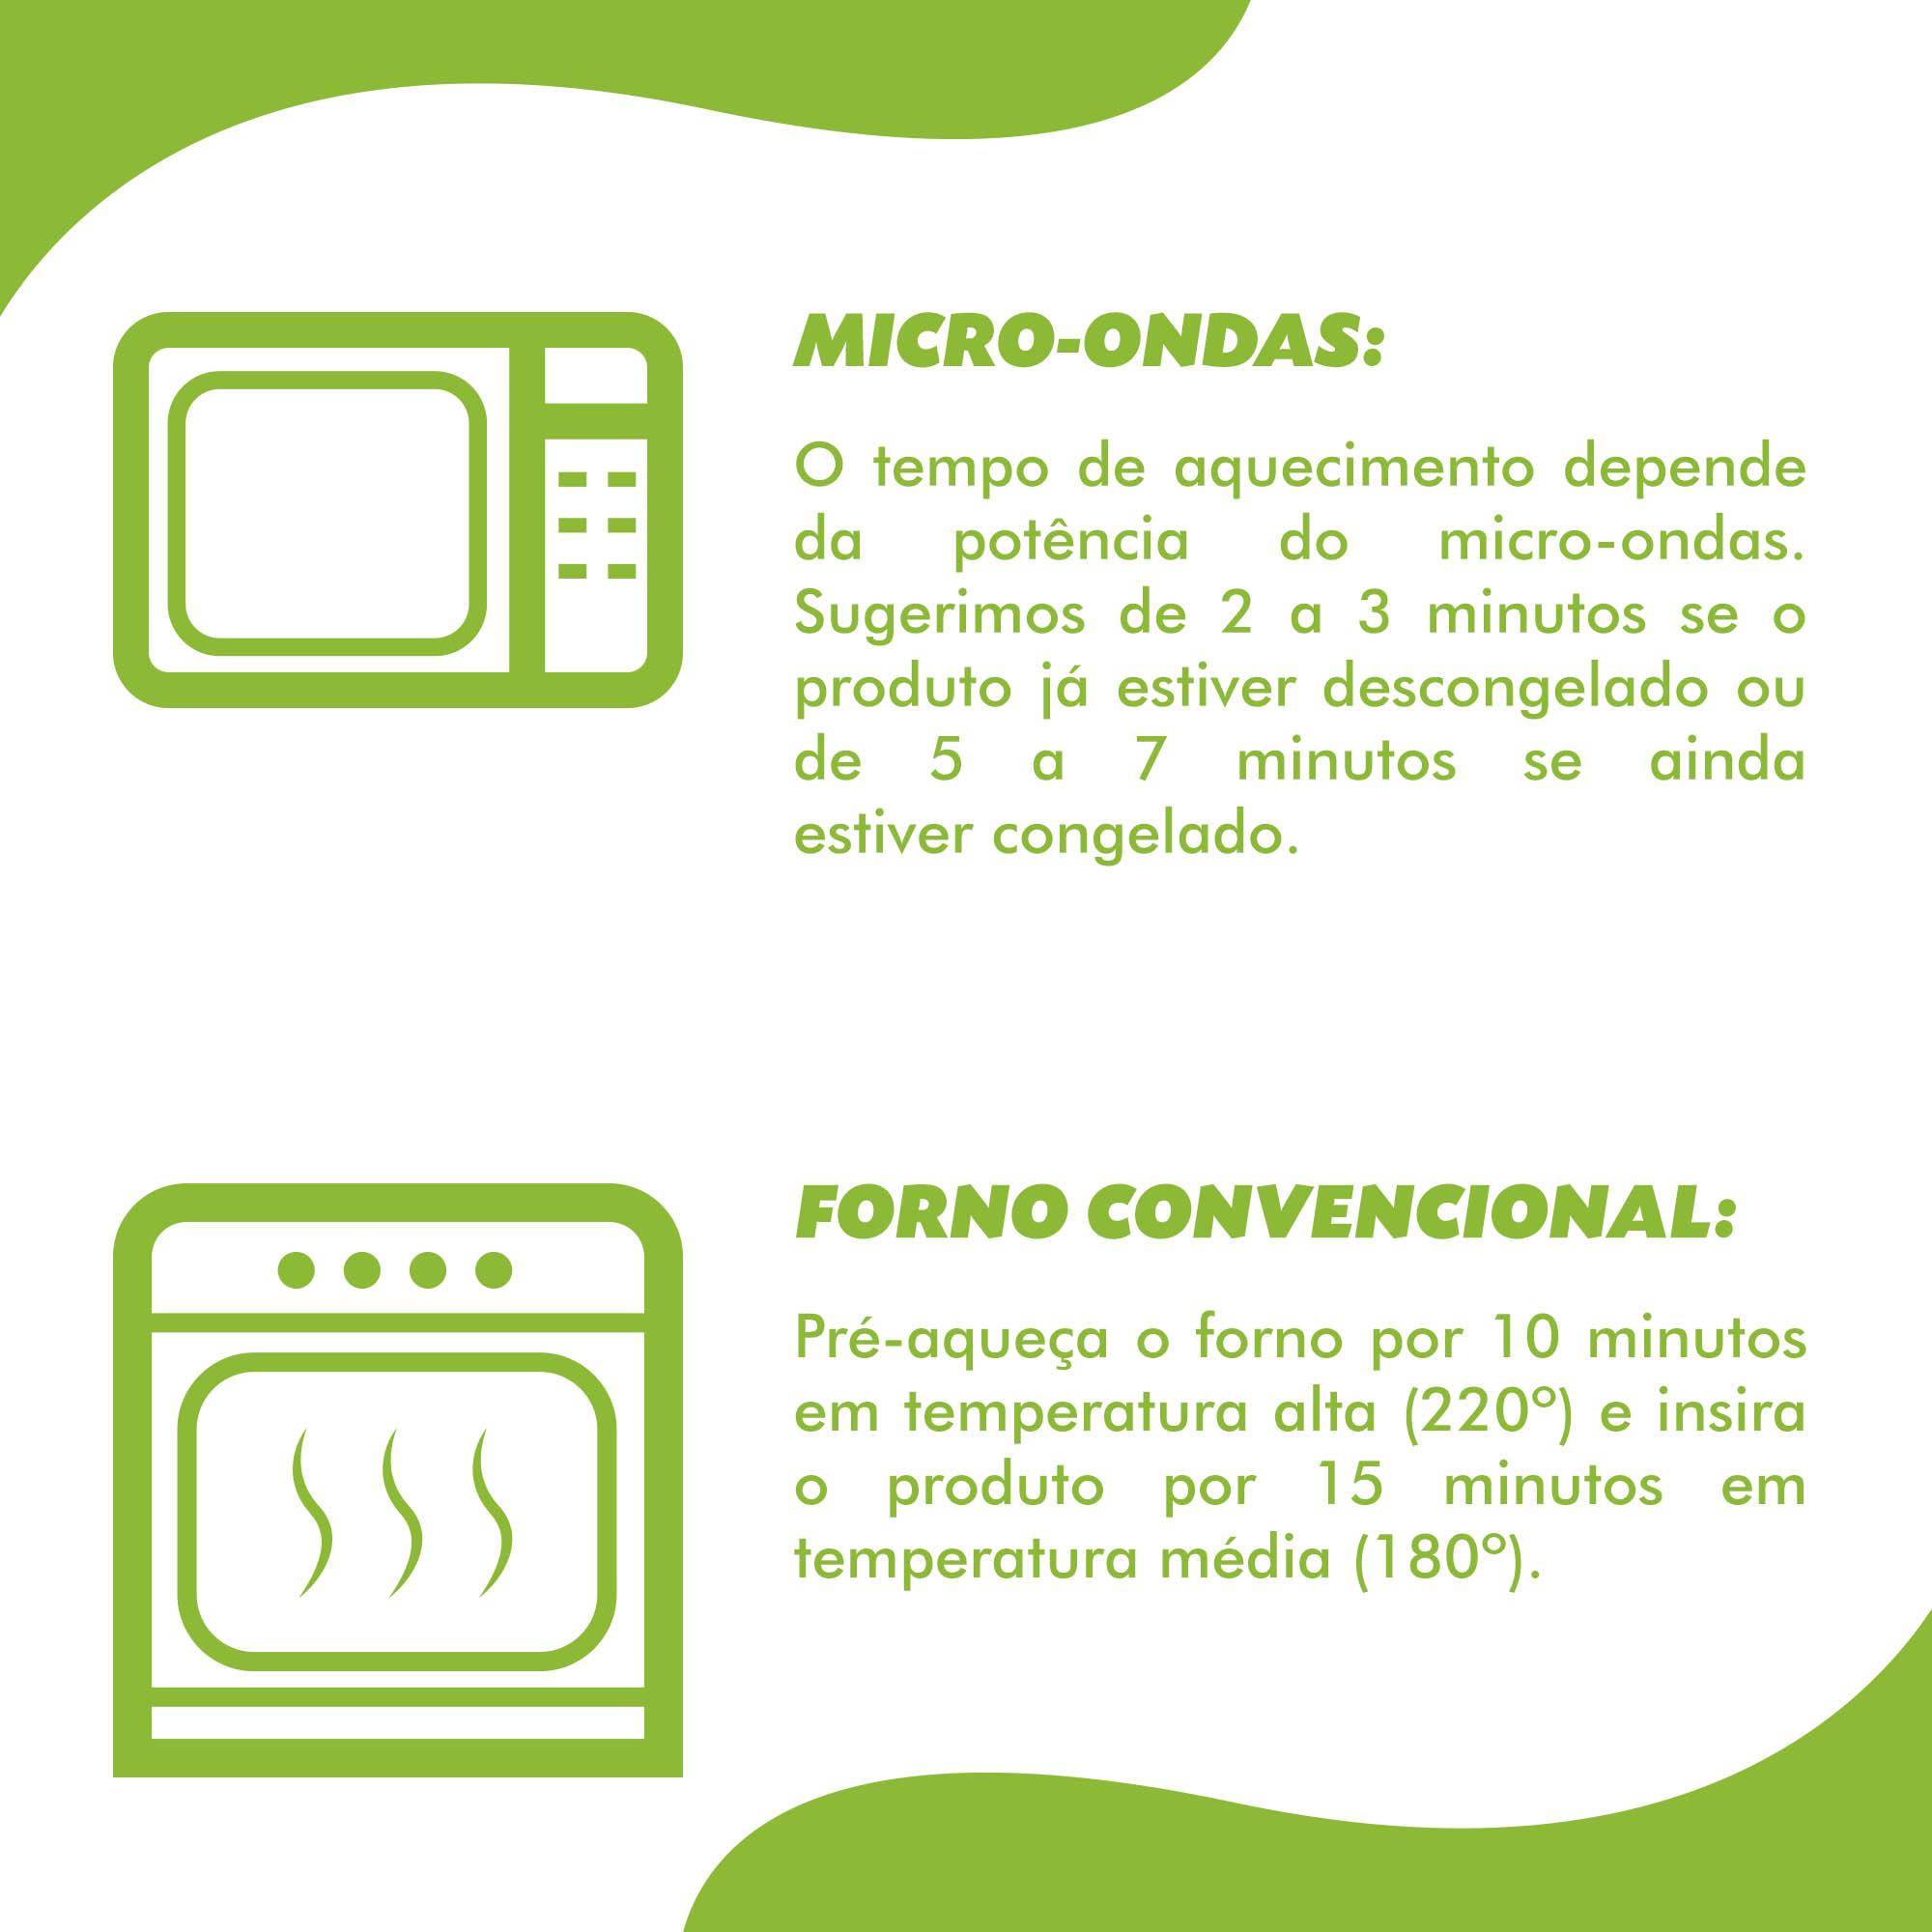 Tofu grelhado com moyashi + Arroz integral + Feijão carioca (300g)